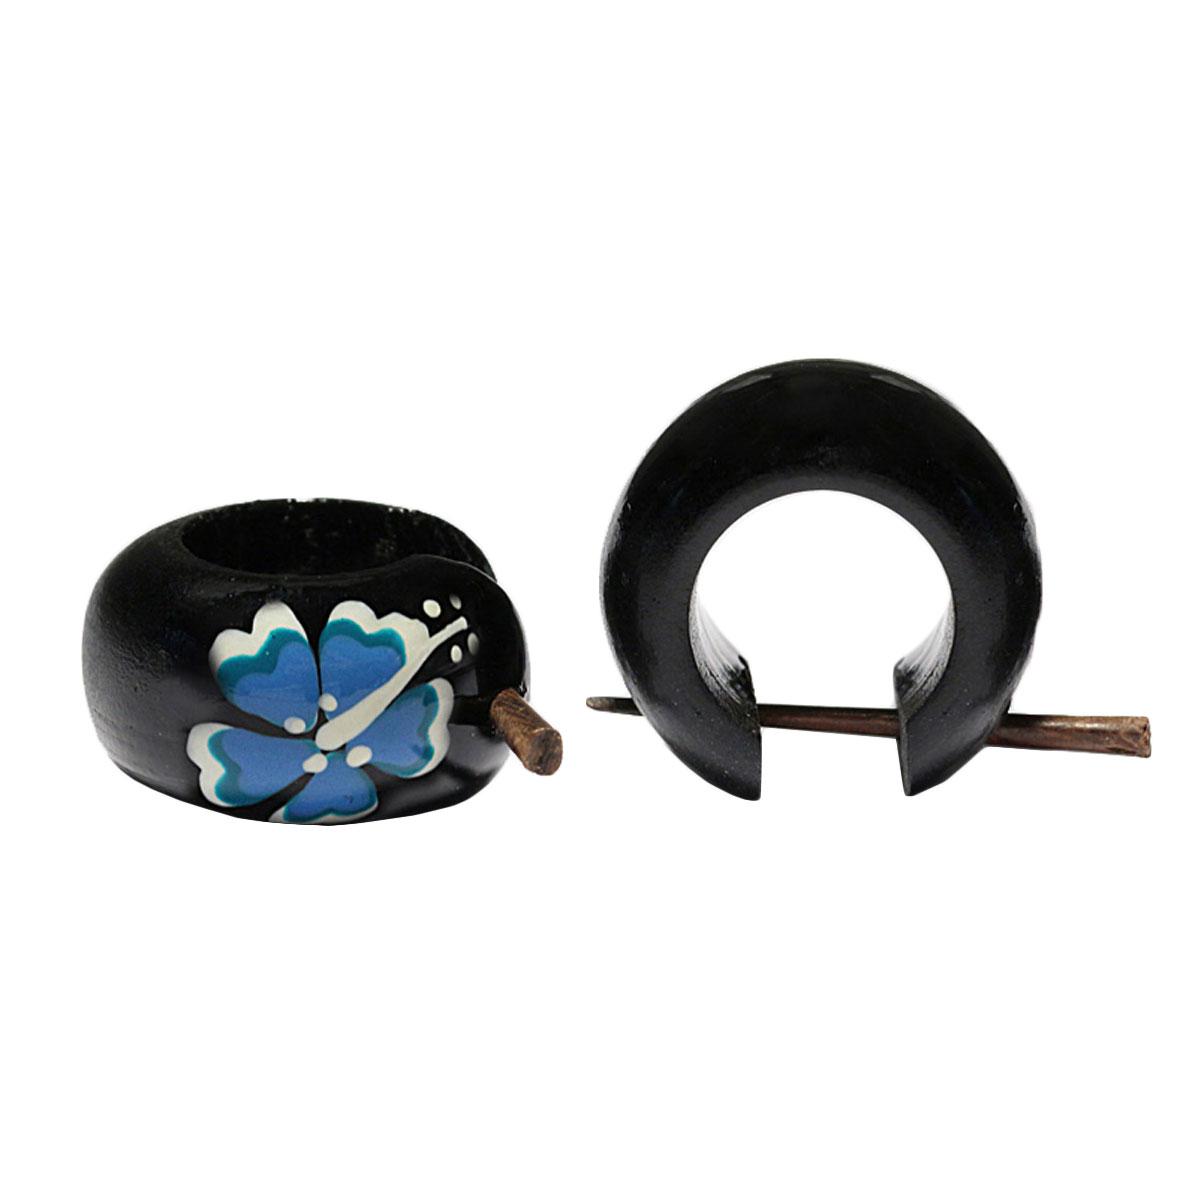 holzohrstecker mit hibiskus bl te in blau 241bl. Black Bedroom Furniture Sets. Home Design Ideas